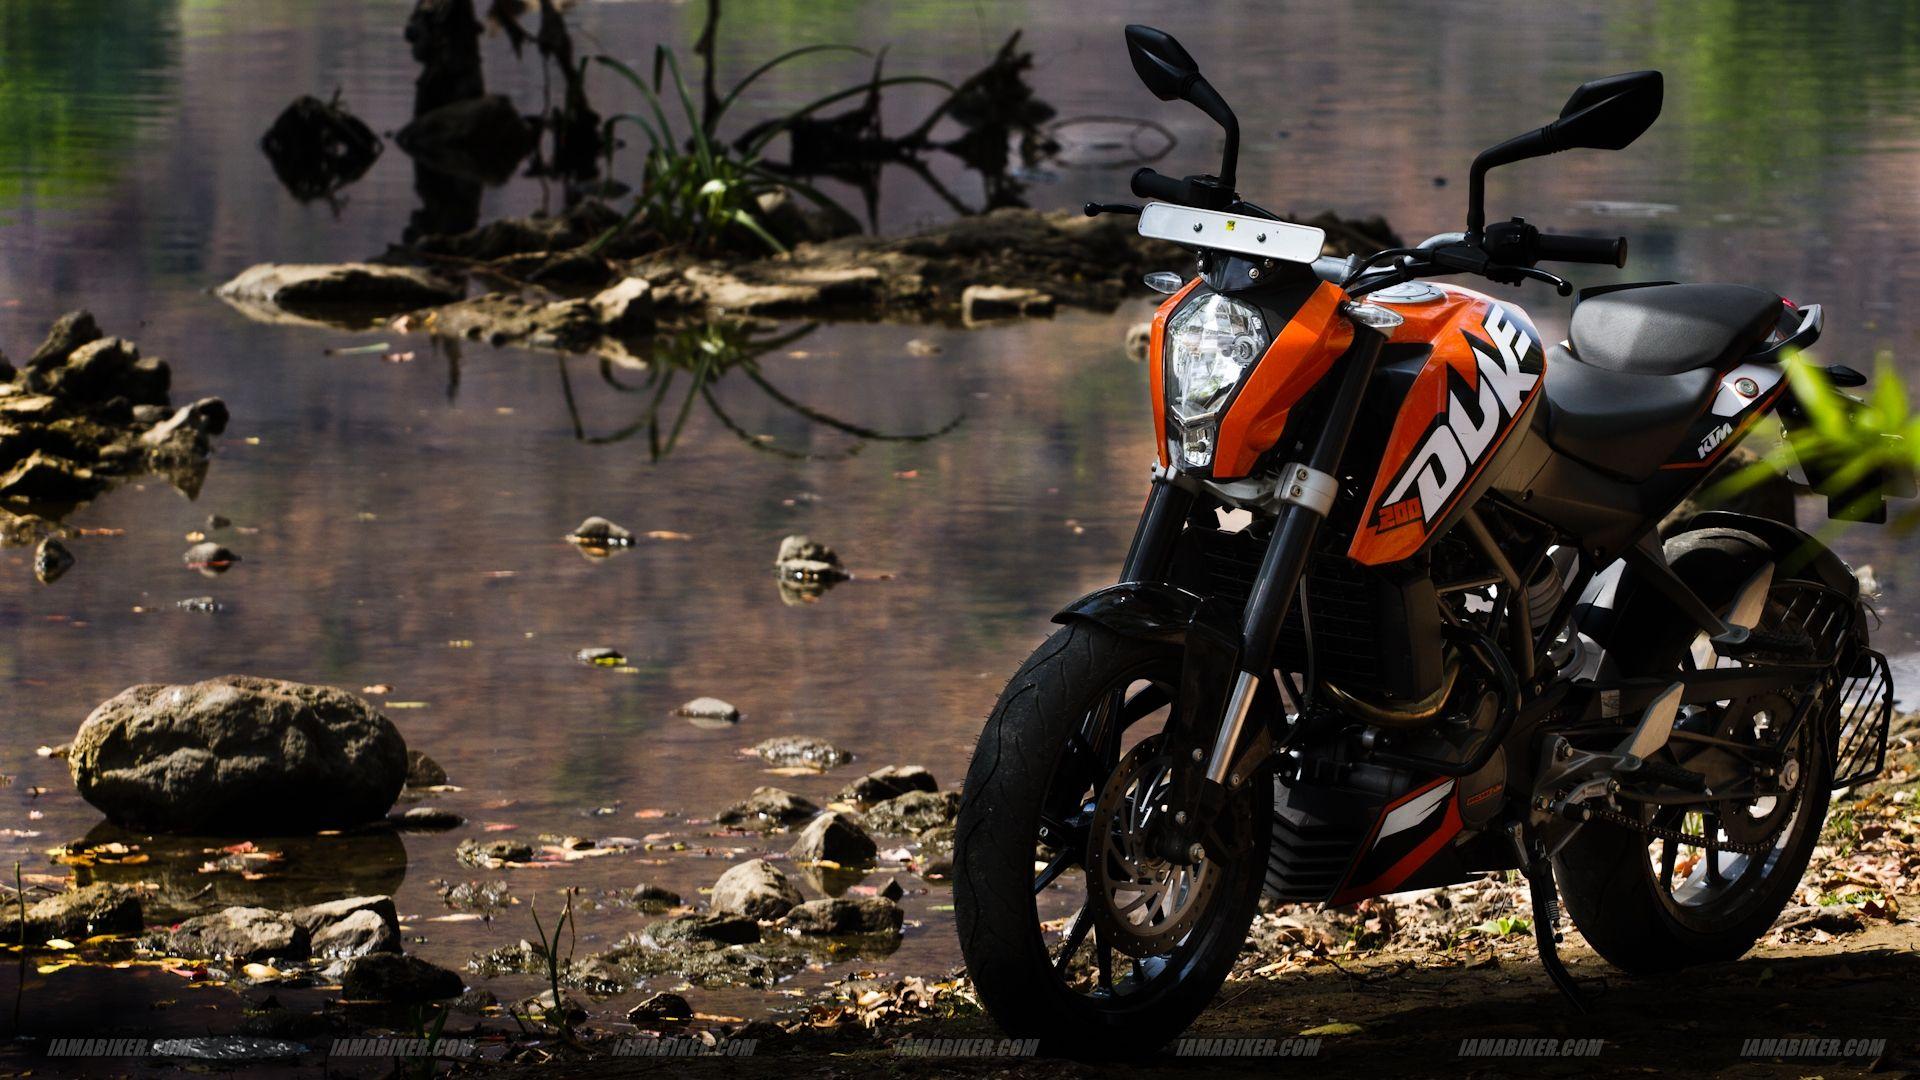 Ktm Duke 200 Wallpaper Click For High Resolution Ktm Duke Ktm Duke 200 Duke Bike